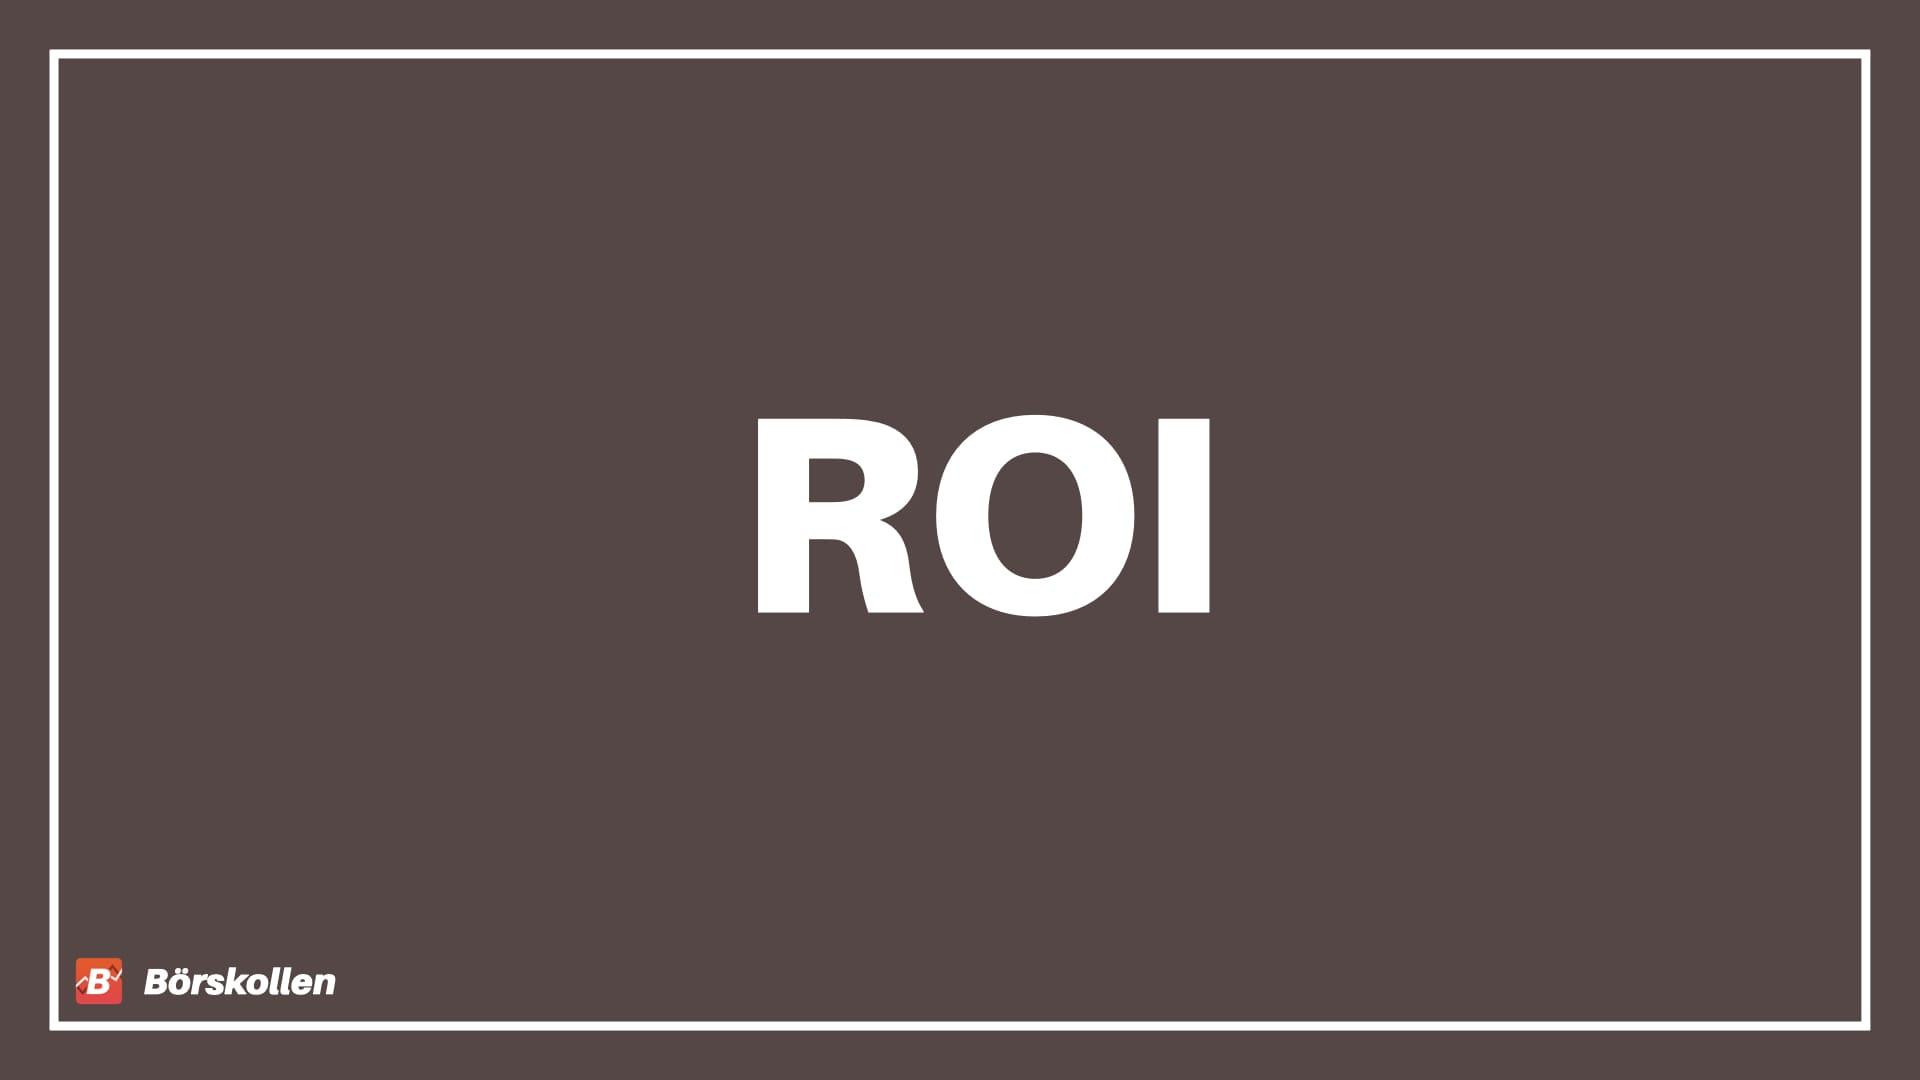 Vad är ROI? Hur räknar man ut och använder ROI?